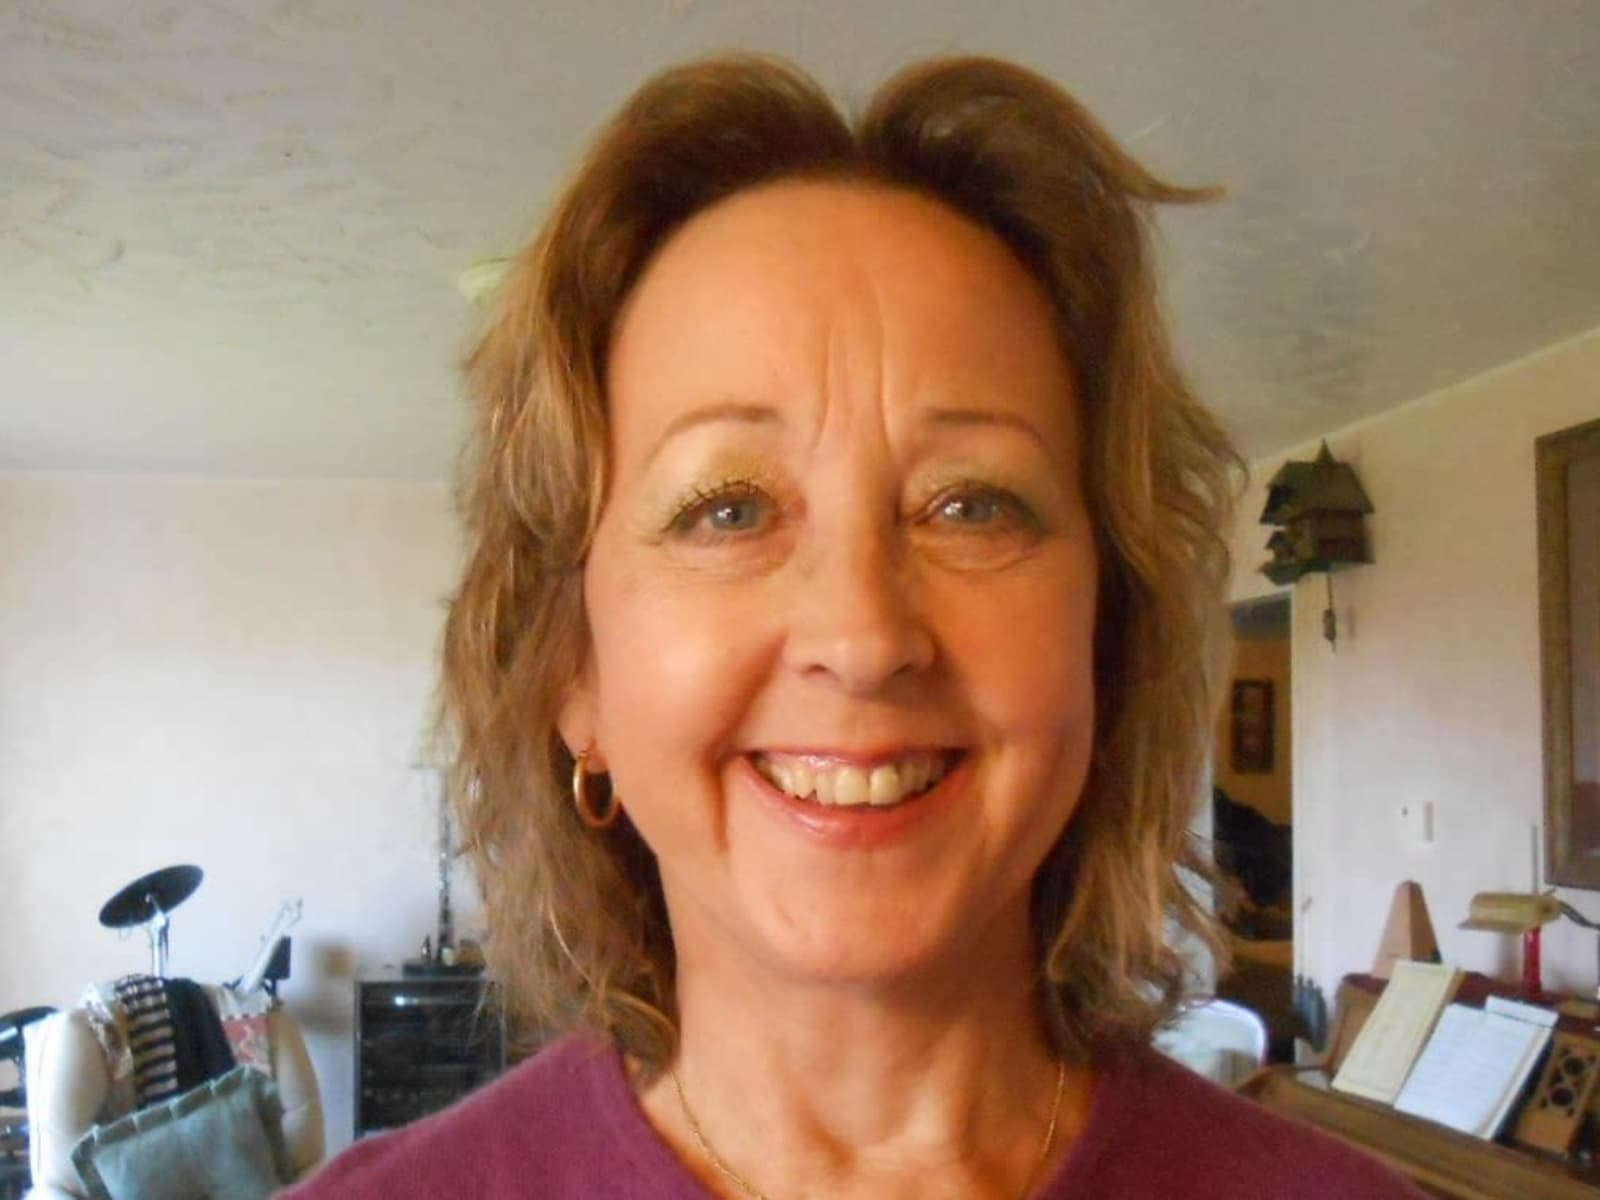 Karen from Bedford, United Kingdom